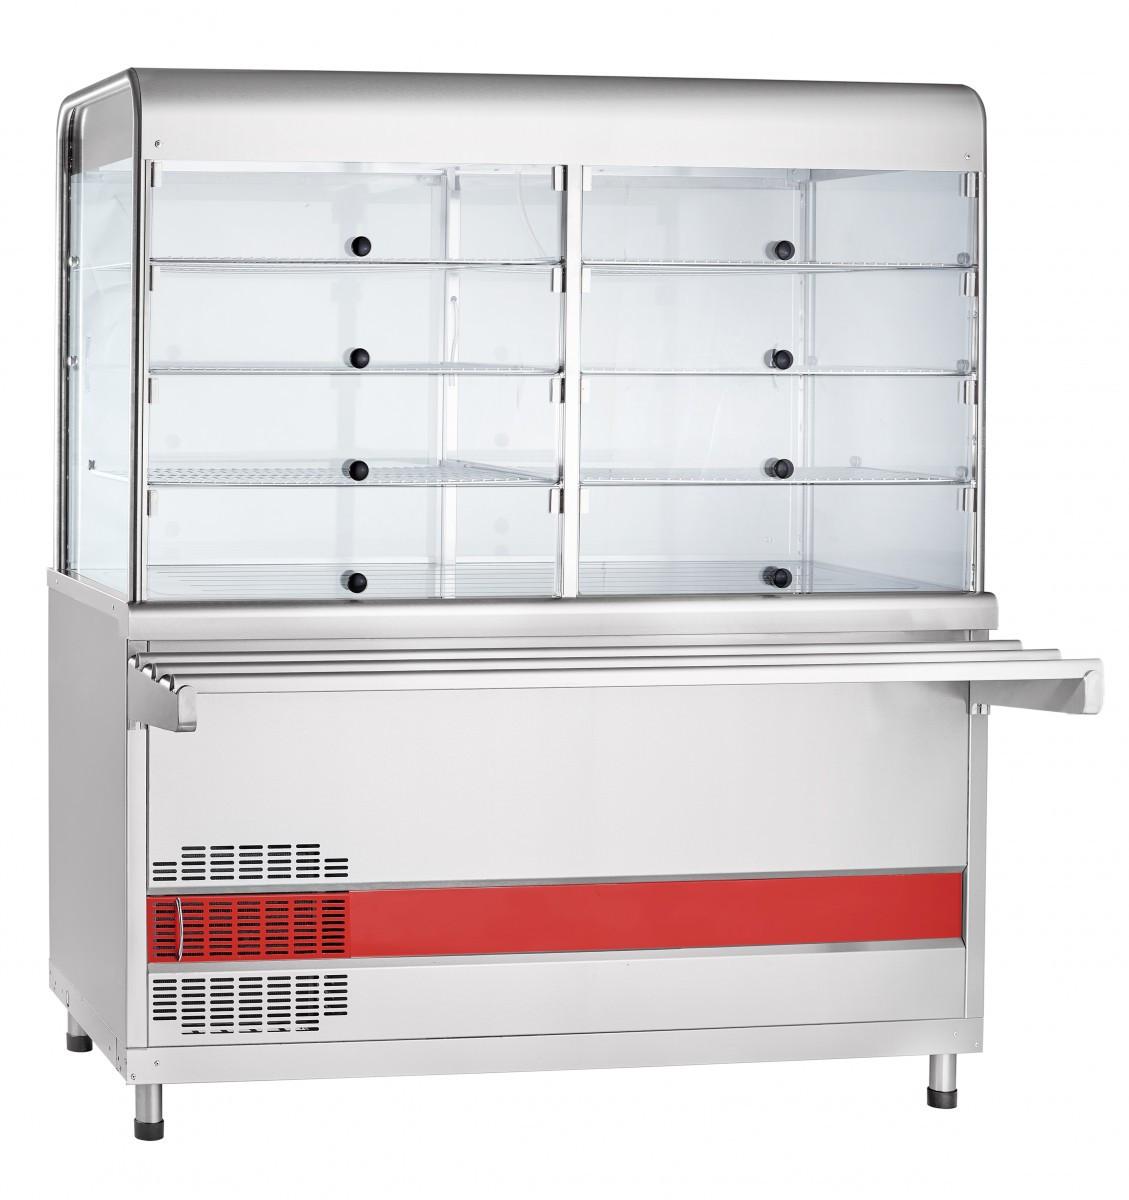 Прилавок-витрина холодильный ПВВ(Н)-70КМ-С-01-ОК с охлаждаемой камерой (саладэт закрыт.,1500 мм)